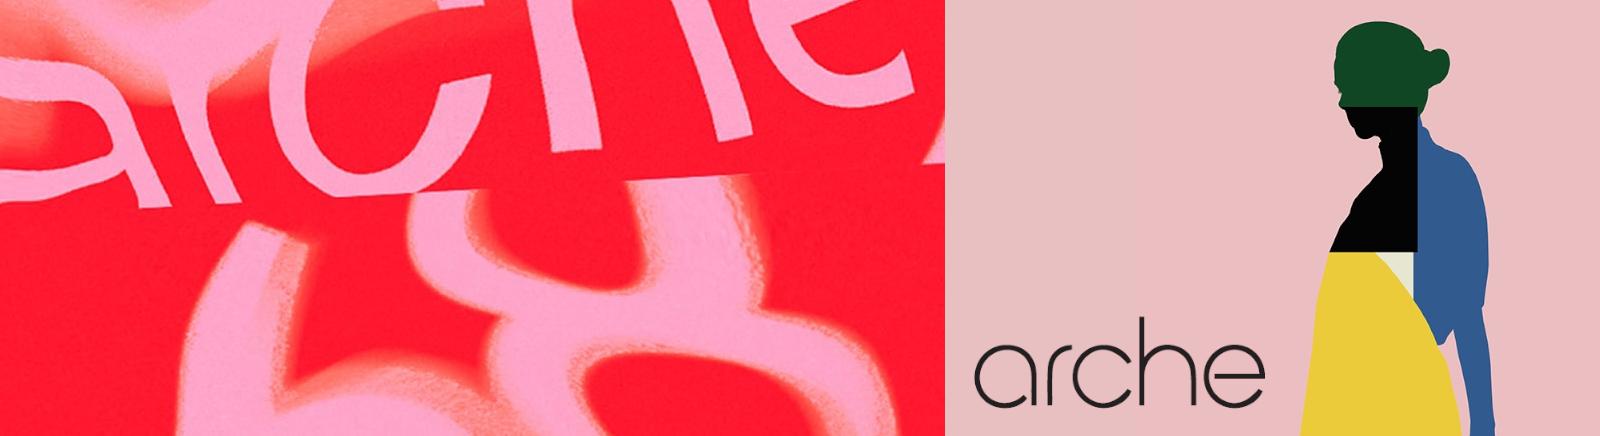 Arche Markenschuhe online bestellen im Prange Schuhe Shop